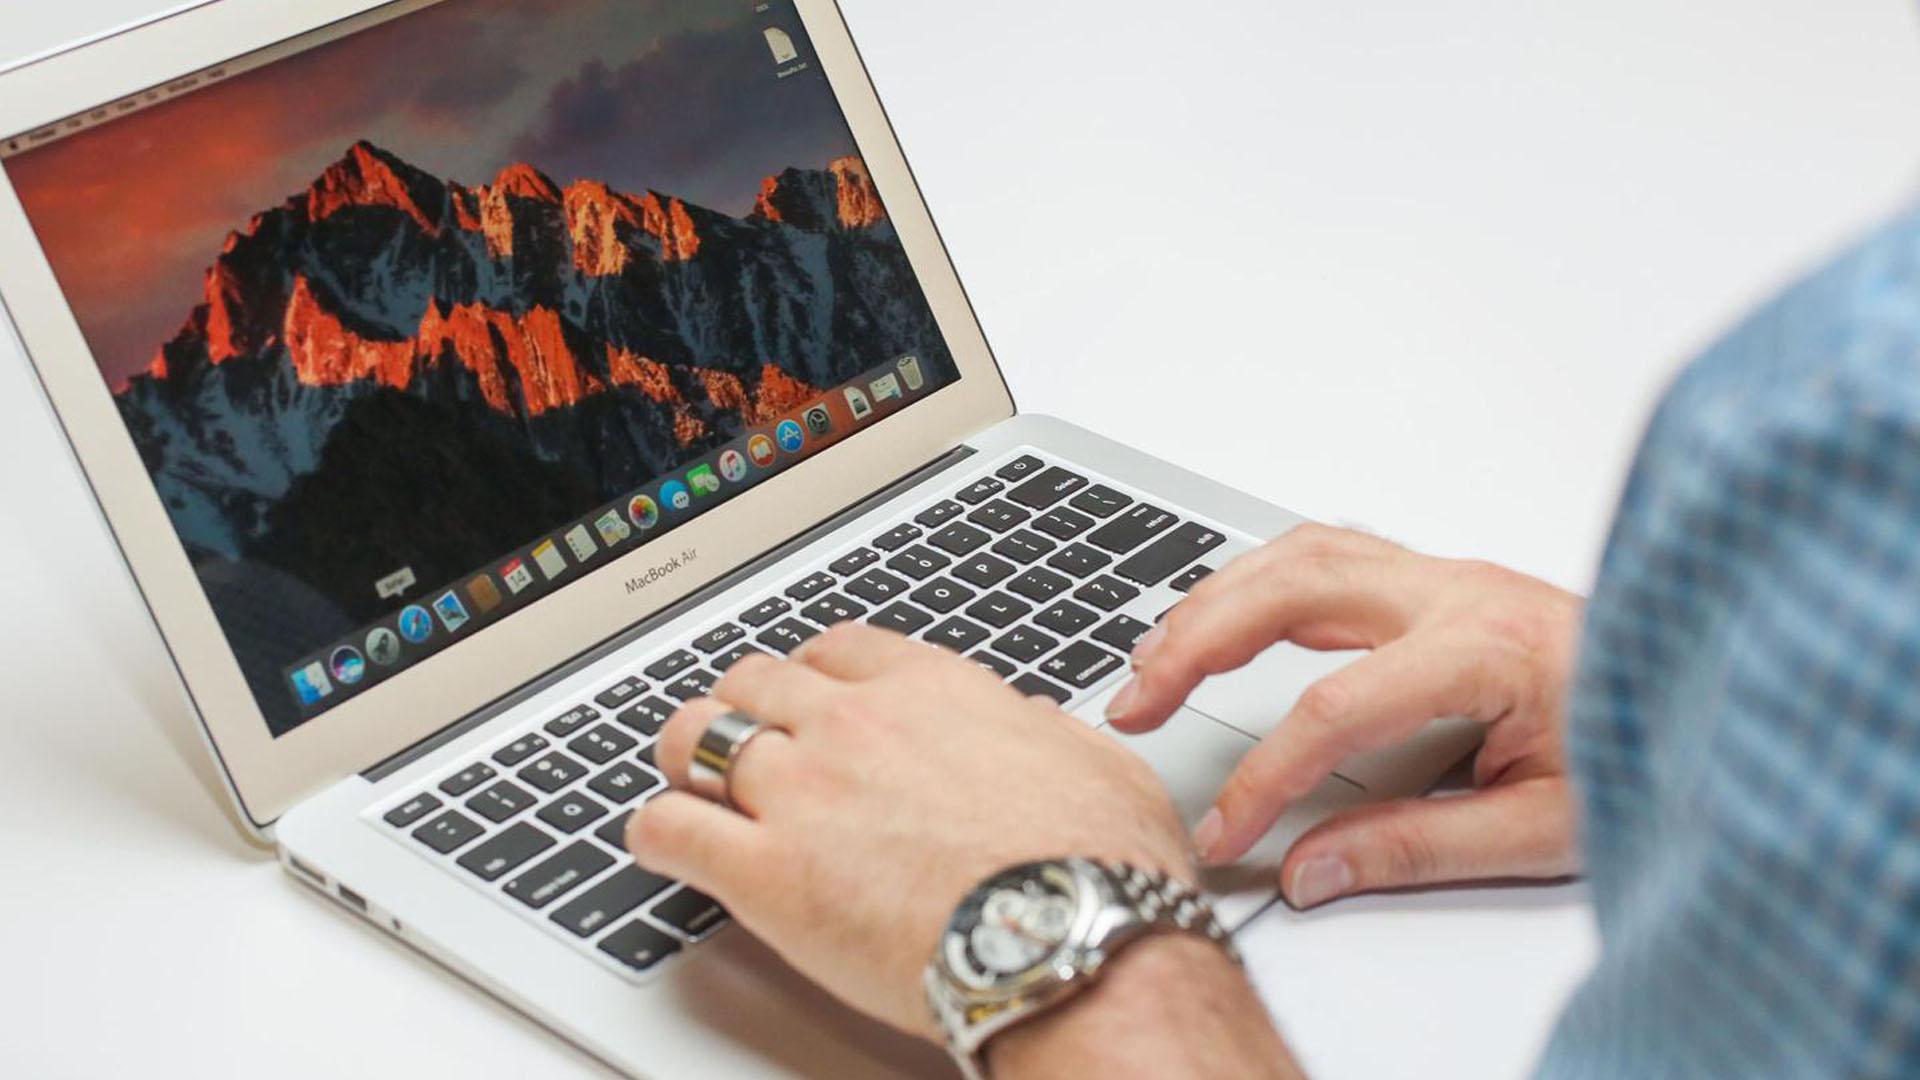 Las computadoras Mac sufren más ataques de virus que Windows por primera vez en la historia | IMPULSO